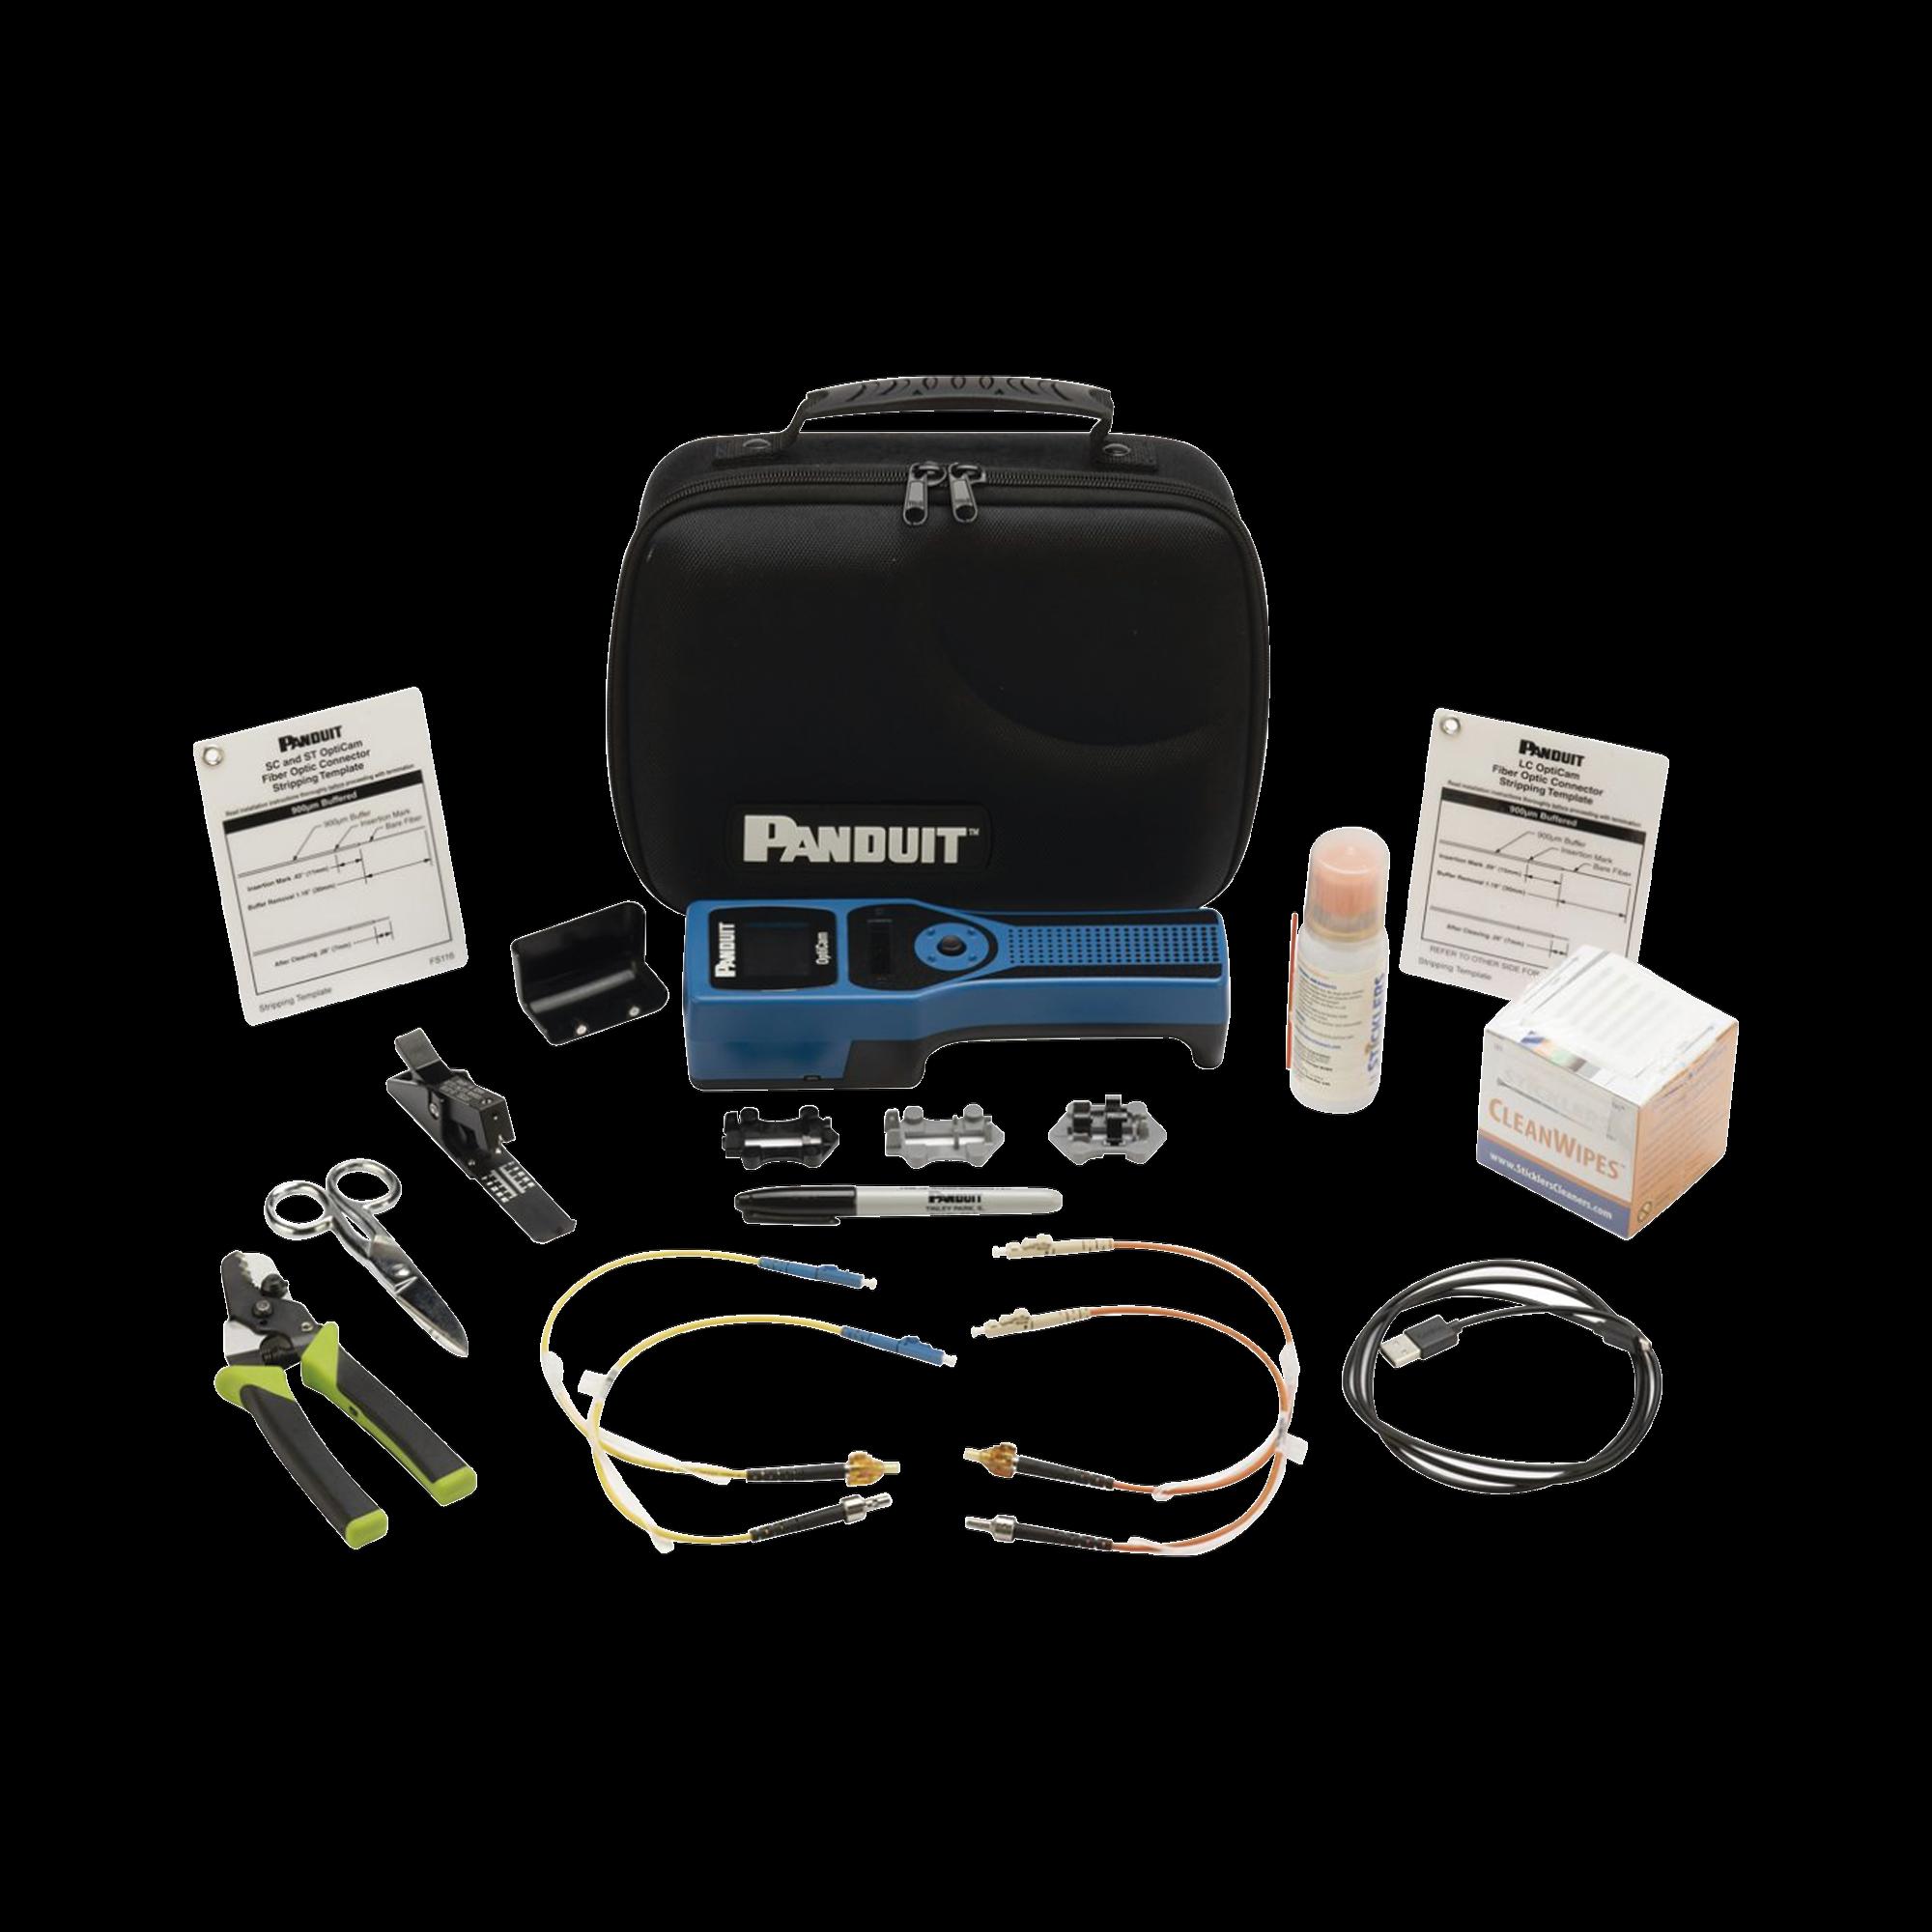 Kit de Herramientas OptiCam 2, Para Terminación de Conectores de Fibra Optica Pre-Pulidos de Panduit, Incluye Desforradora y Cleaver